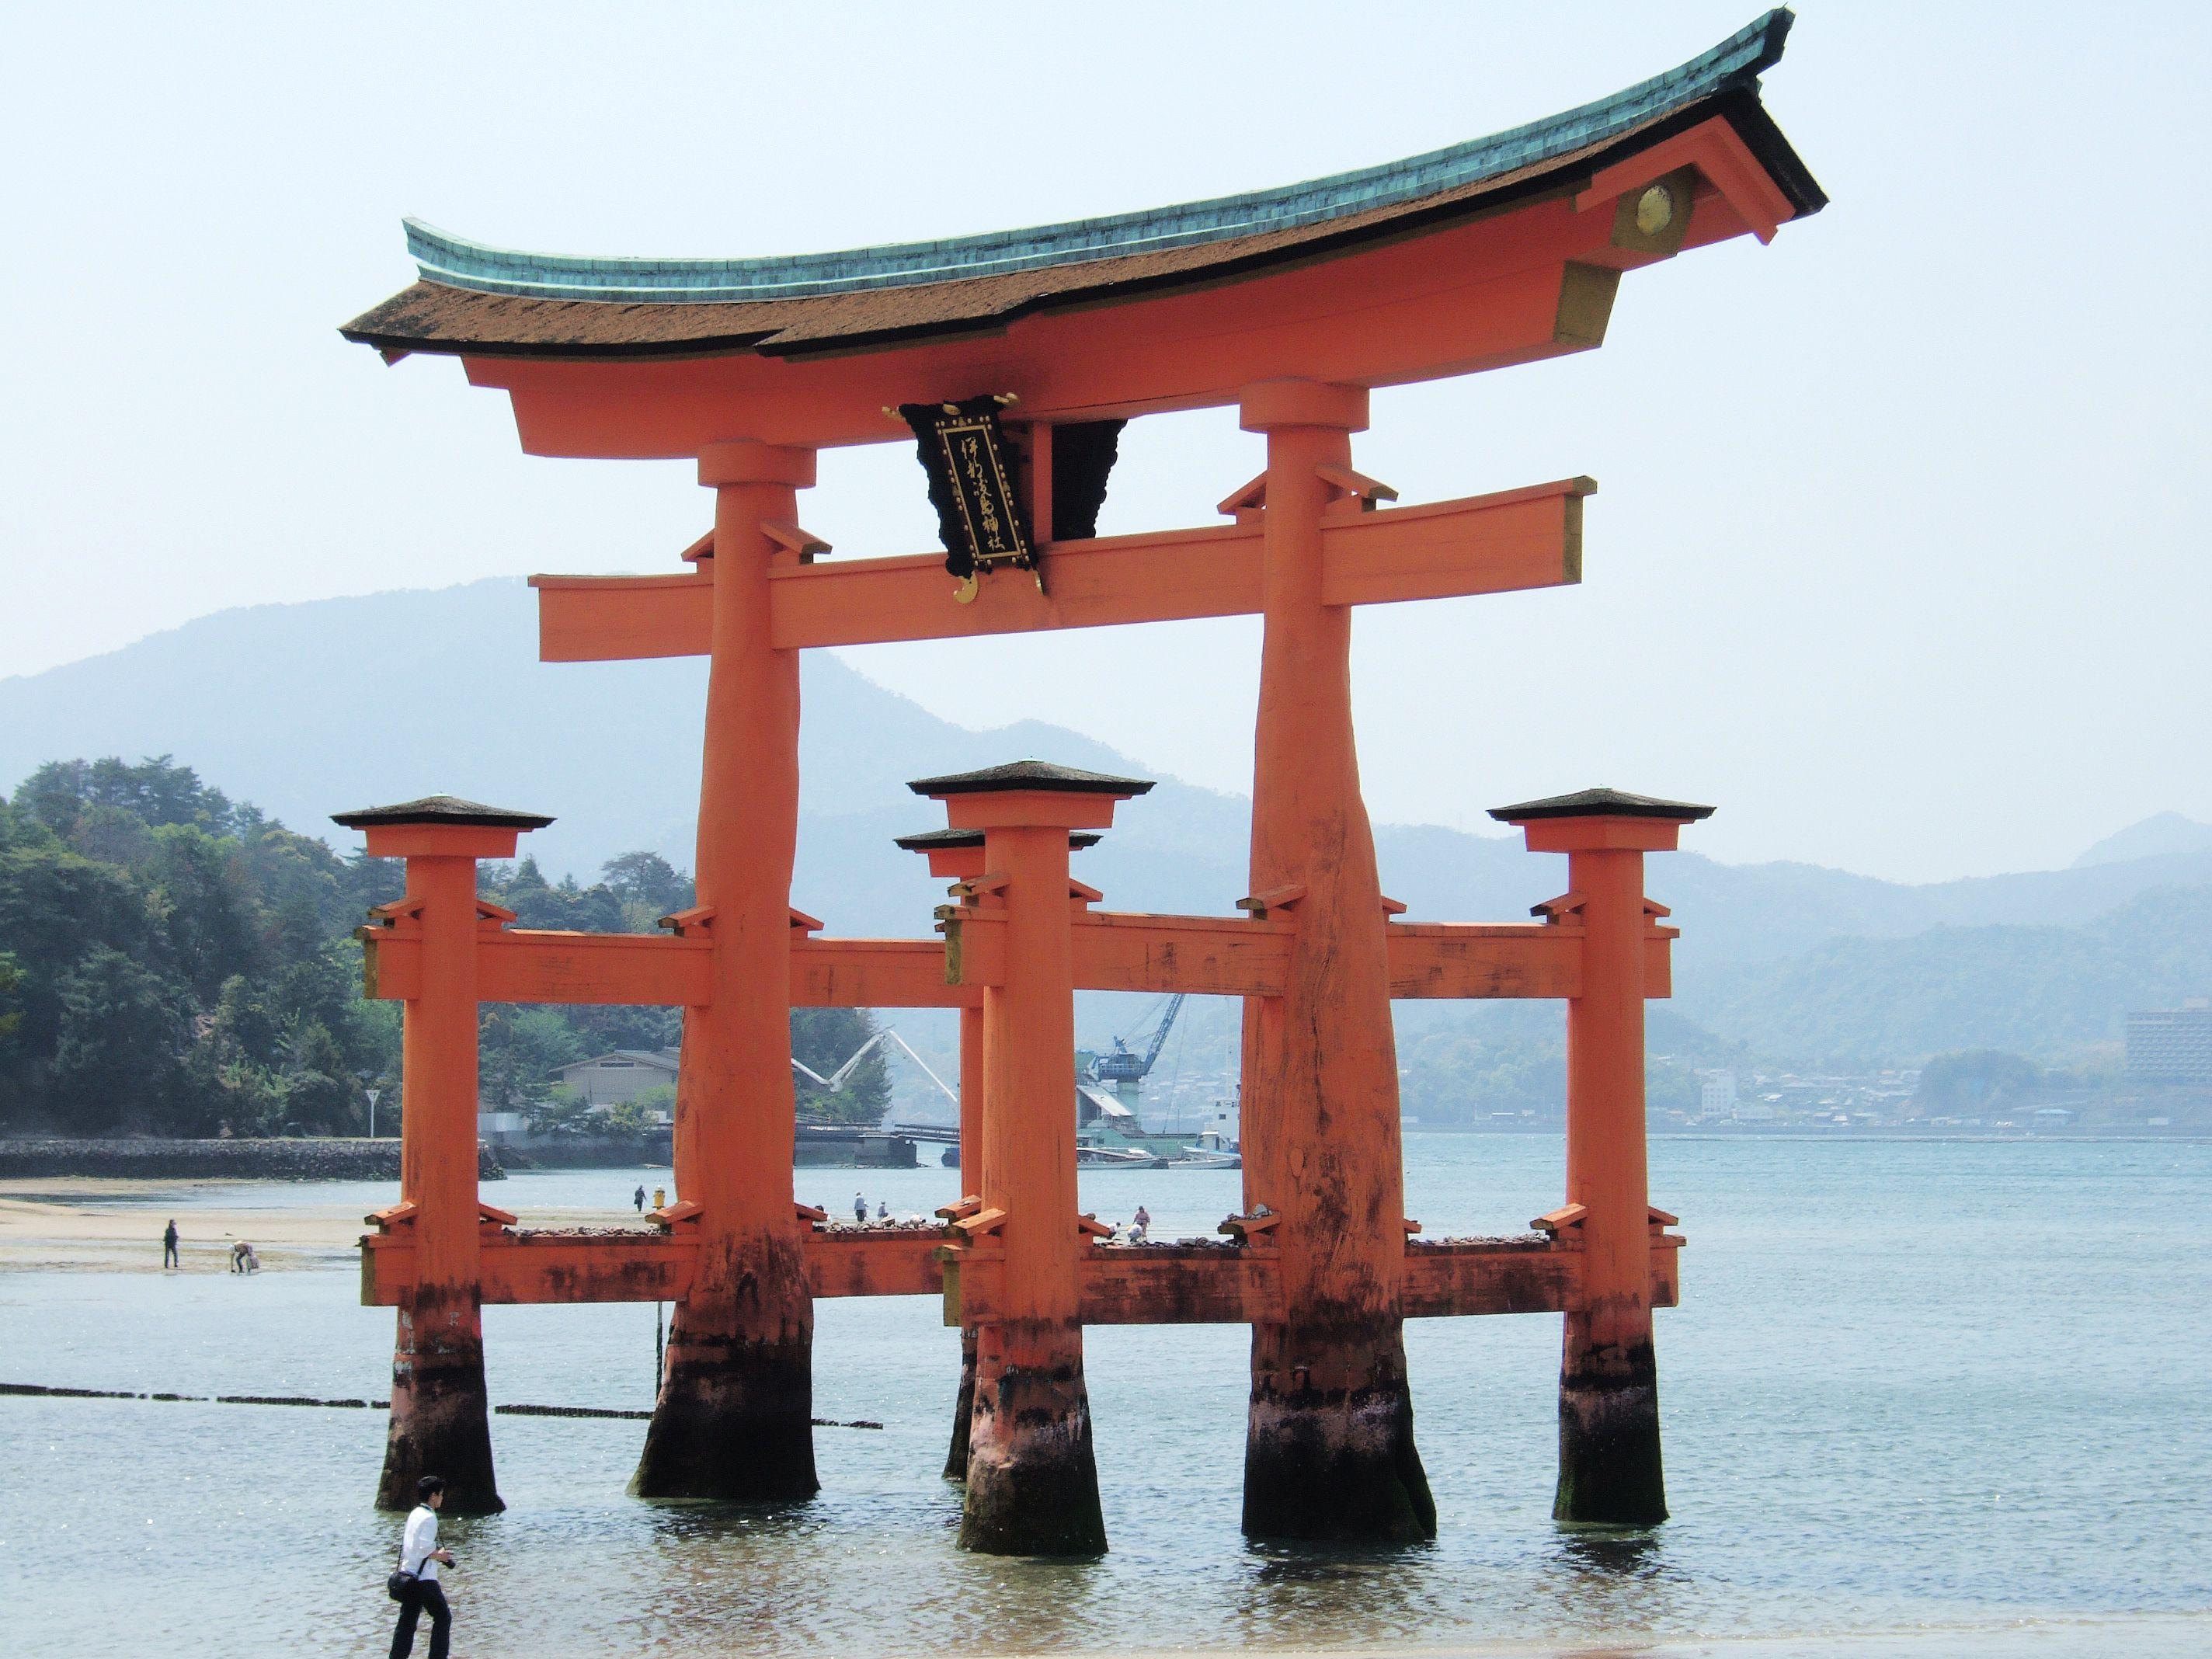 日本初・自転車で渡れる海峡!澄み渡る海と緑鮮やかな島々が織りなす多島美を楽しもう♪